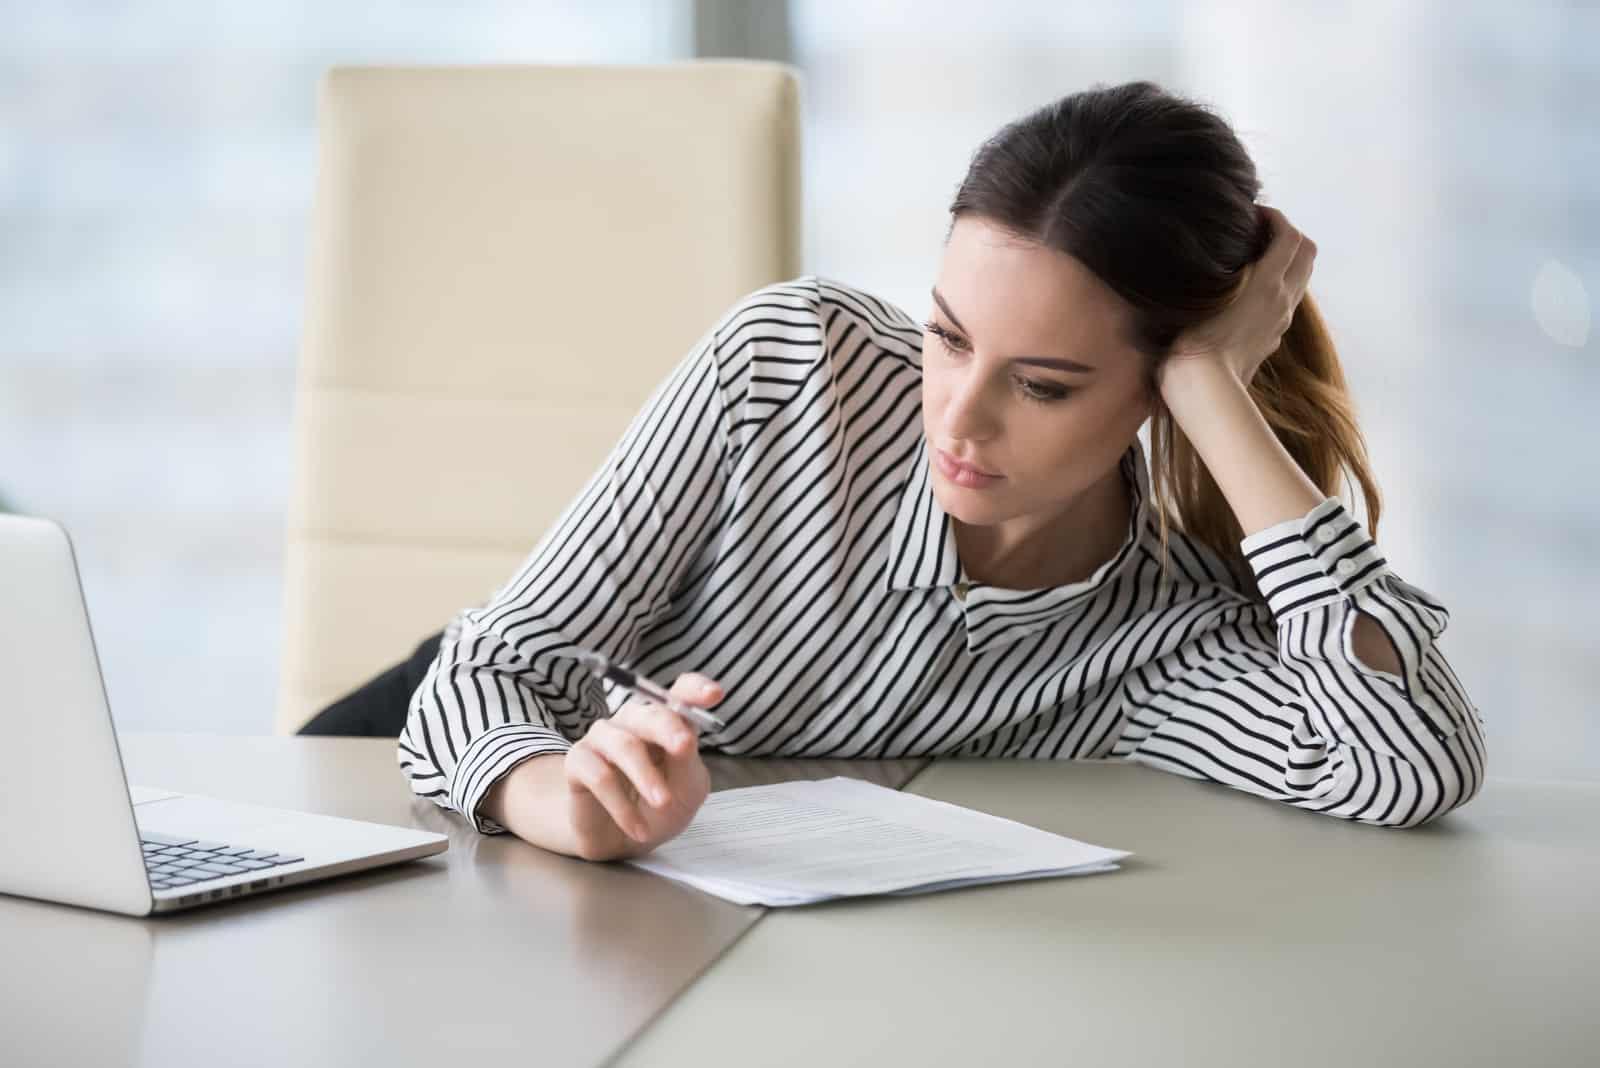 Gelangweilte Sekretärin, die sich nicht motiviert fühlt